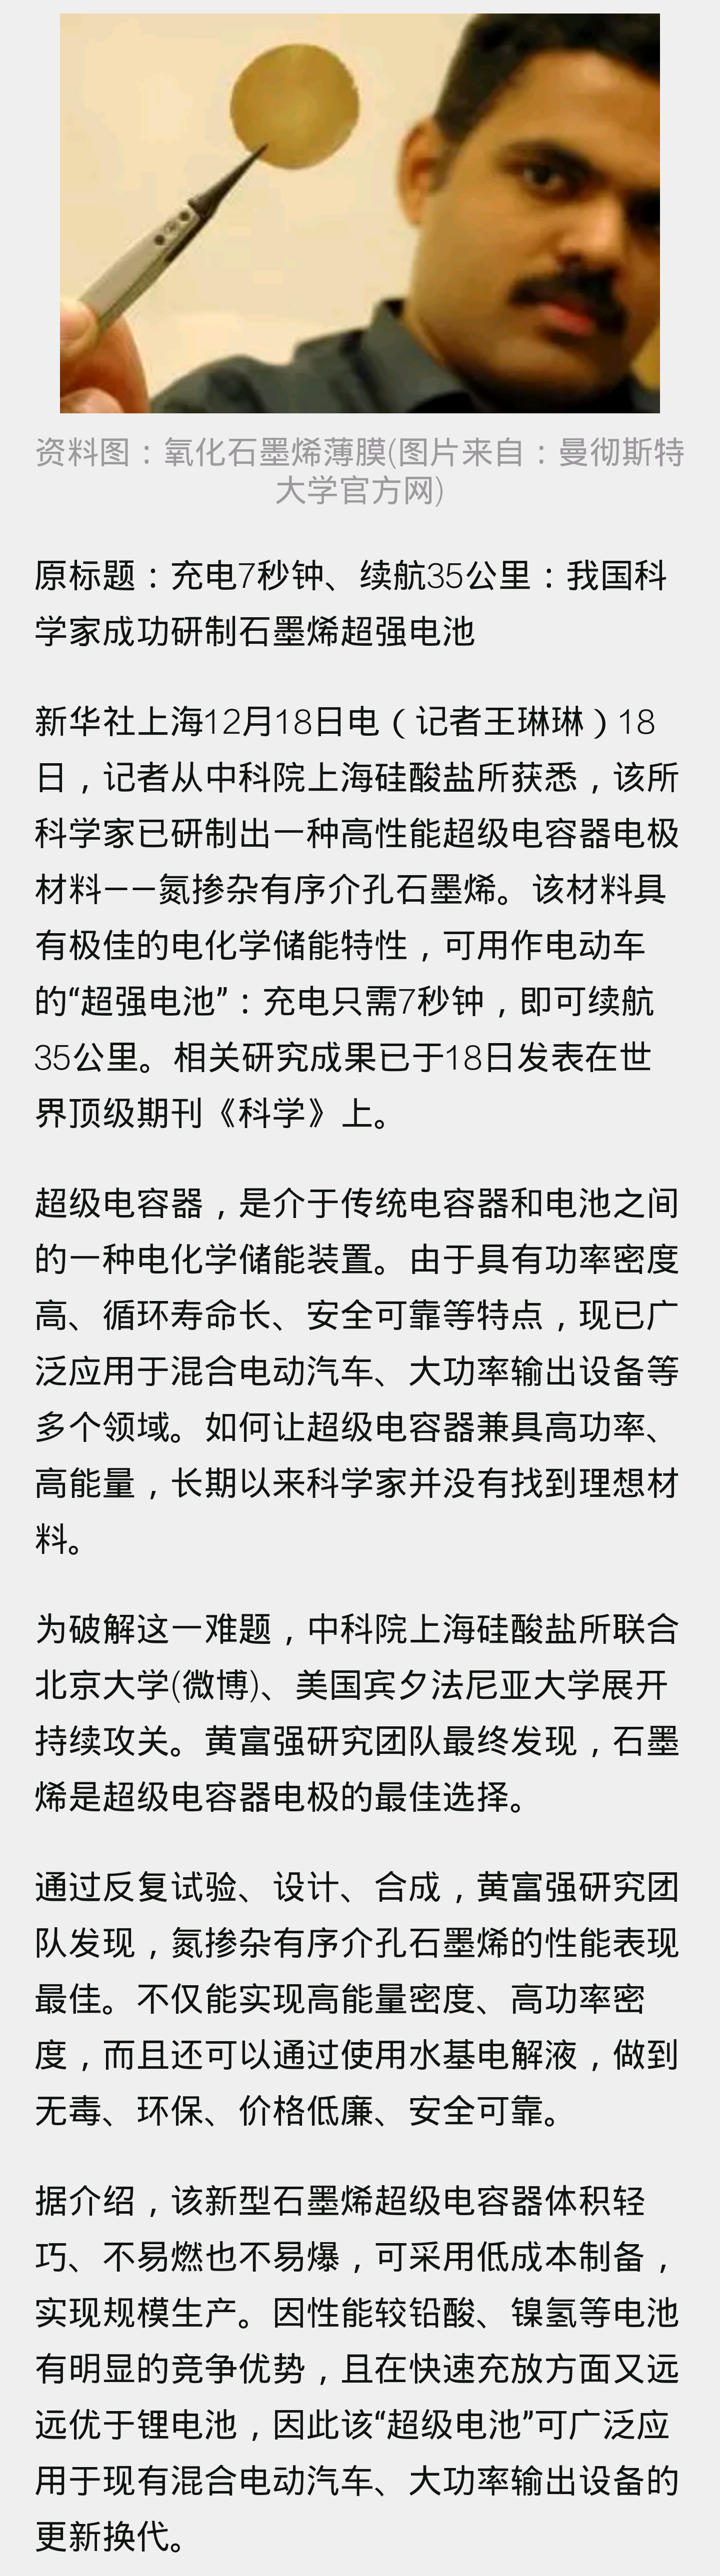 中国研制出超级石墨烯电池